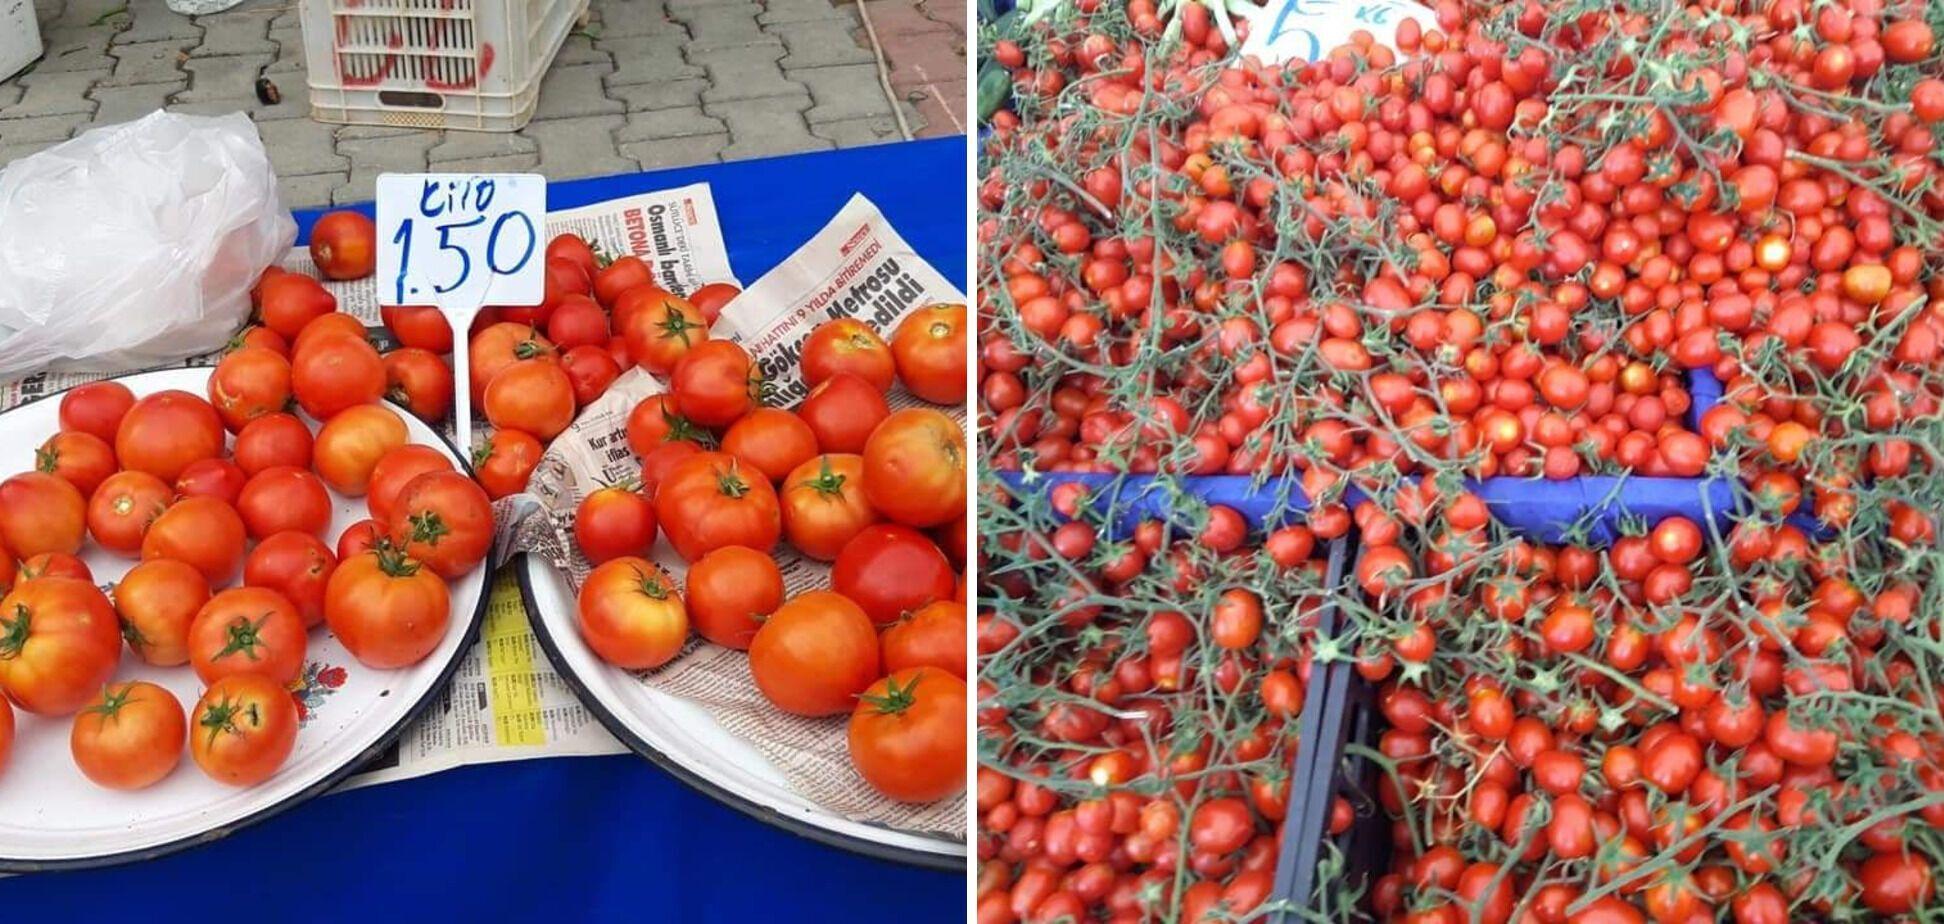 Обычные помидоры по пять гривен, черри дороже, 15 за килограмм.